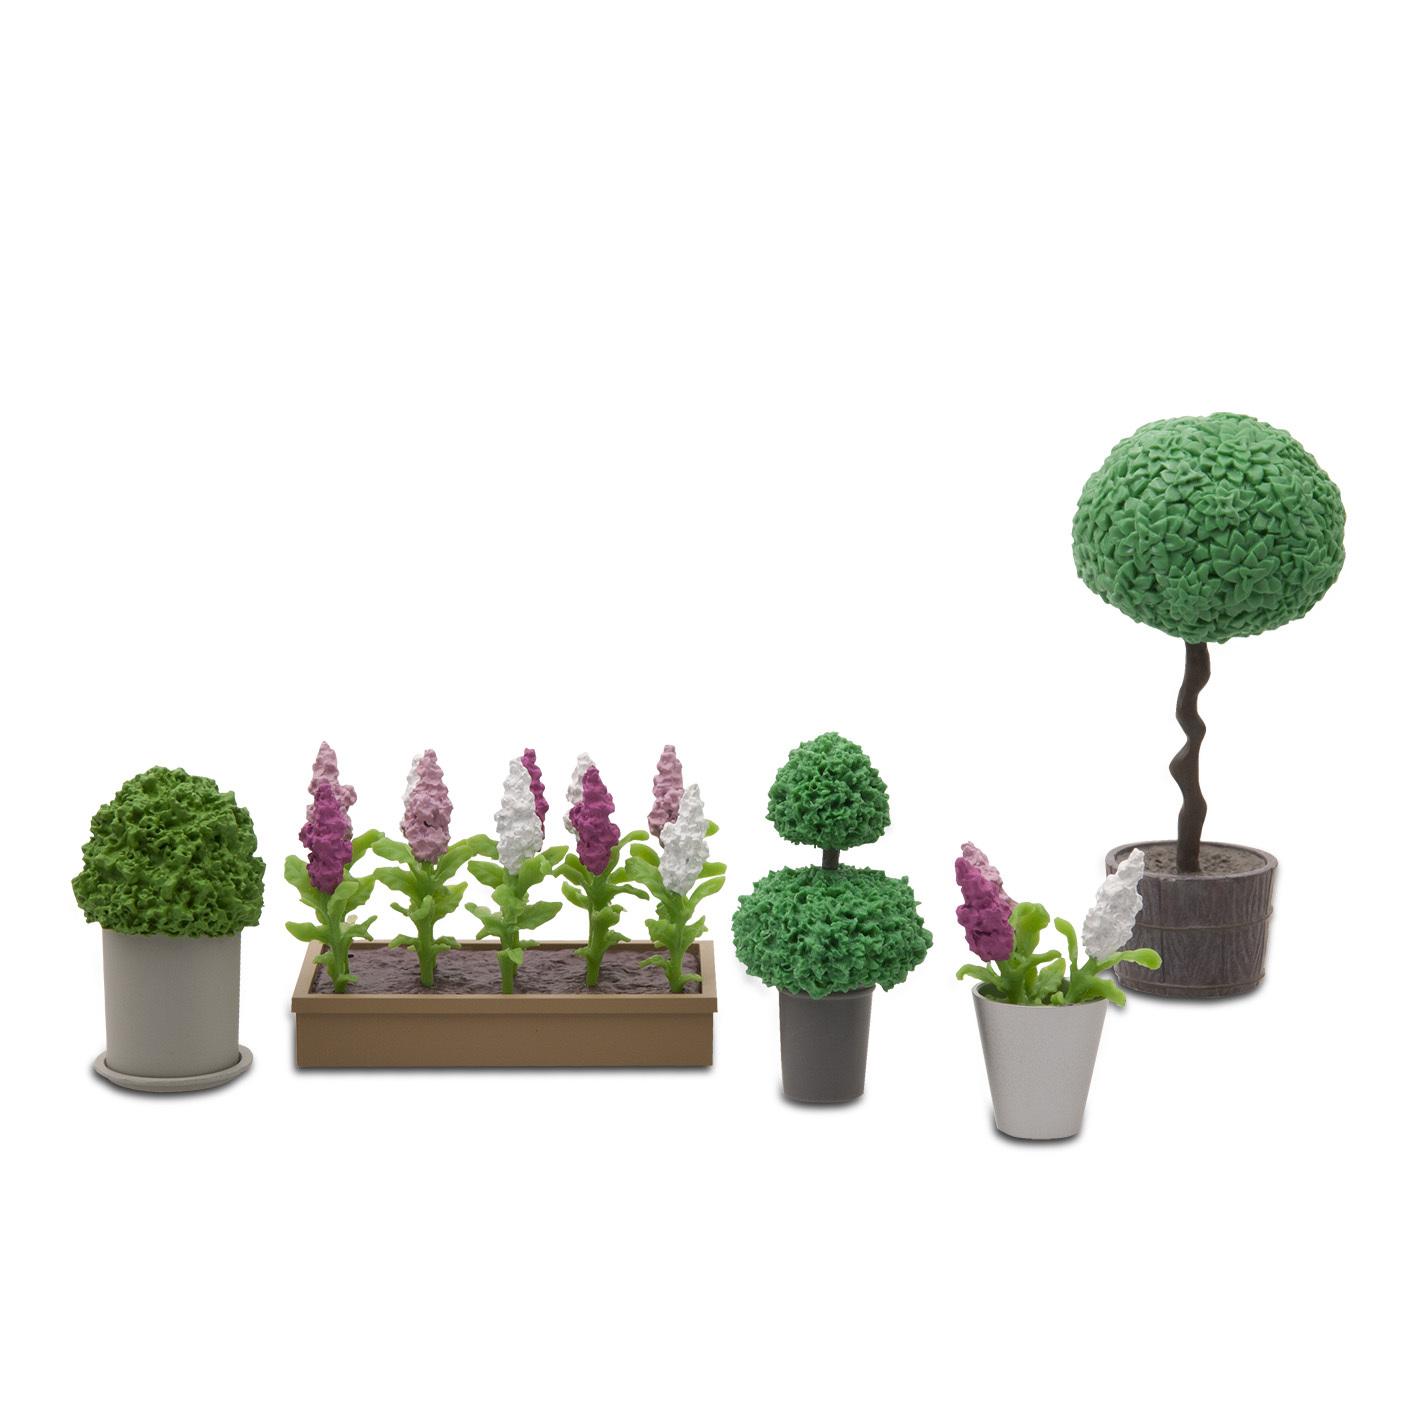 Аксессуары для домика Стокгольм - Цветы в горшках фото